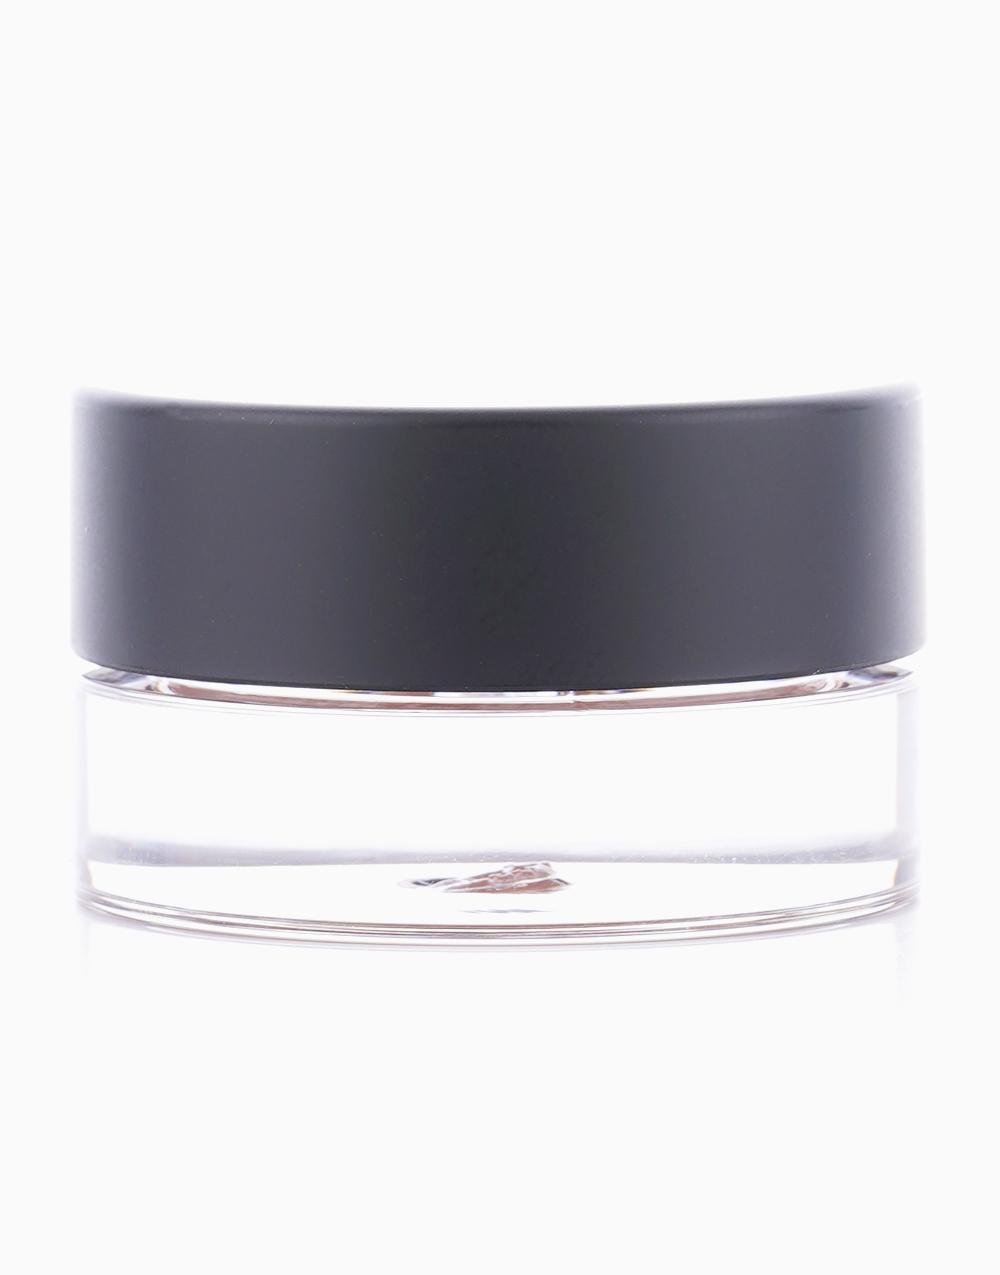 Eyeshadow Gel by FS Features & Shades |